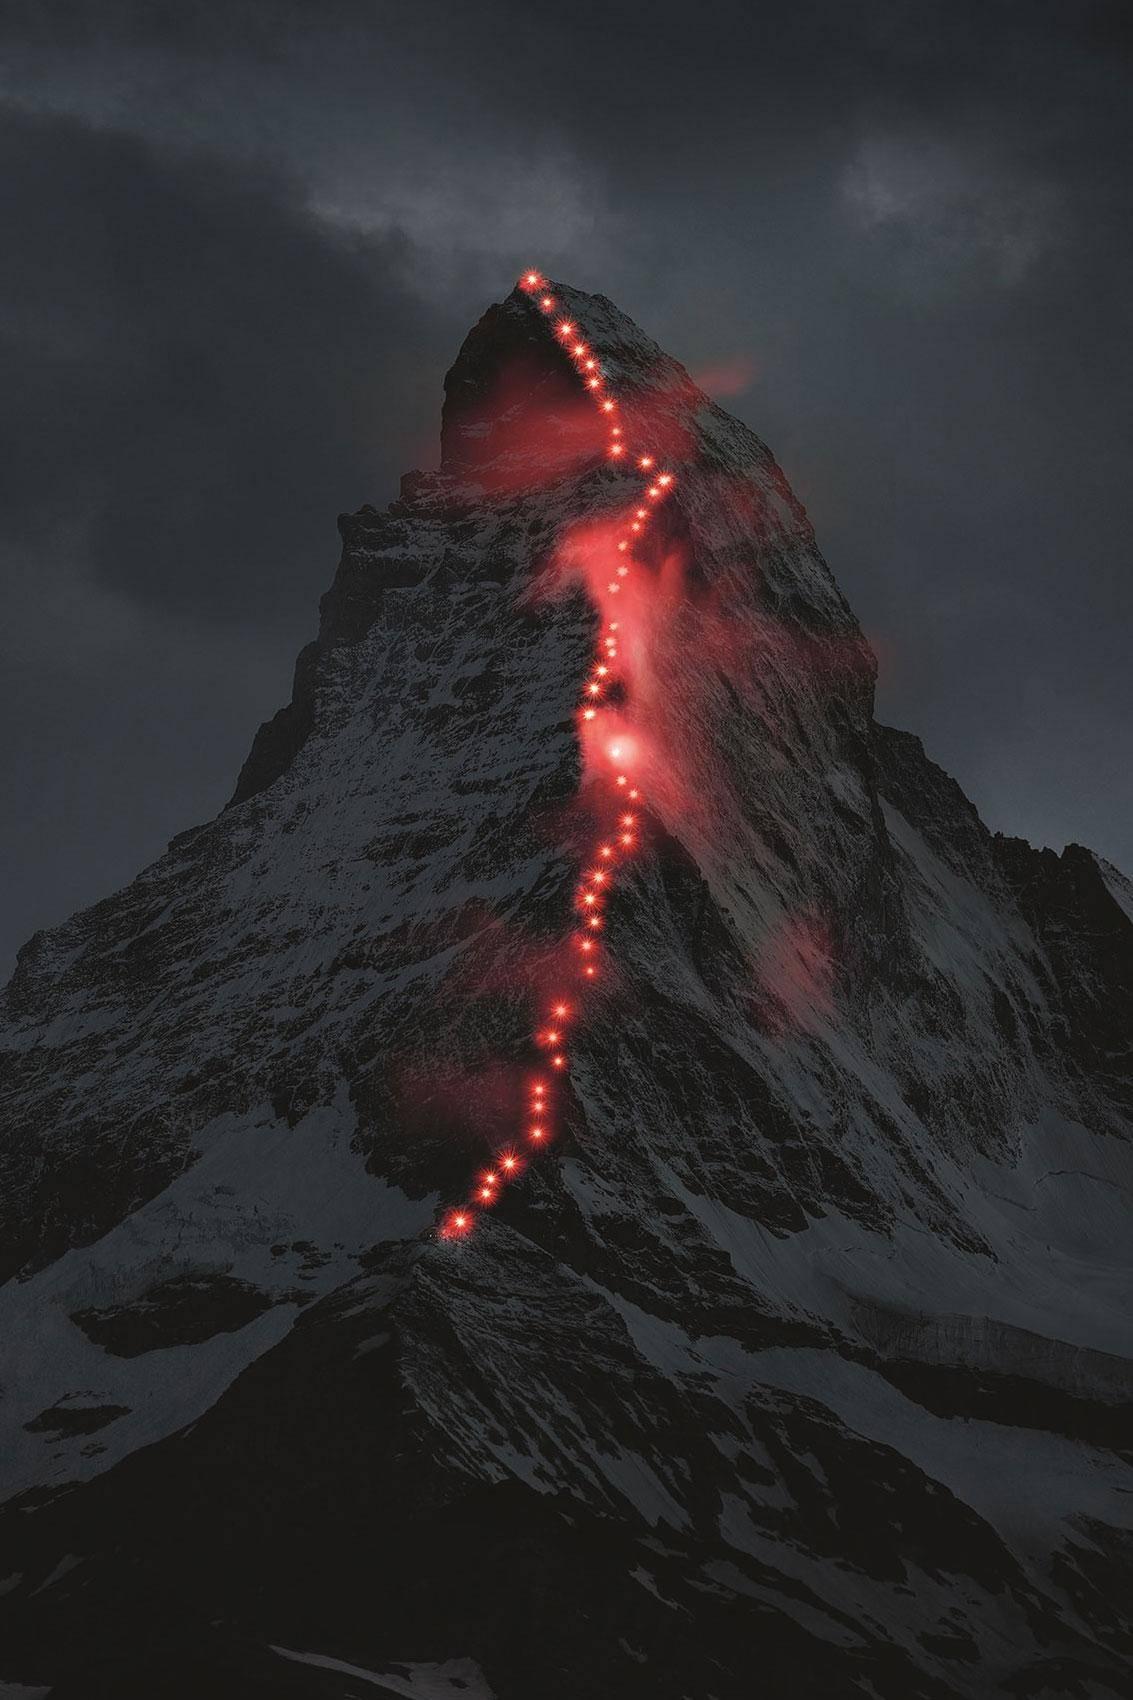 ランプは、スイスのツェルマットにある有名なマッターホルンの最初の登山のルートを照らします。